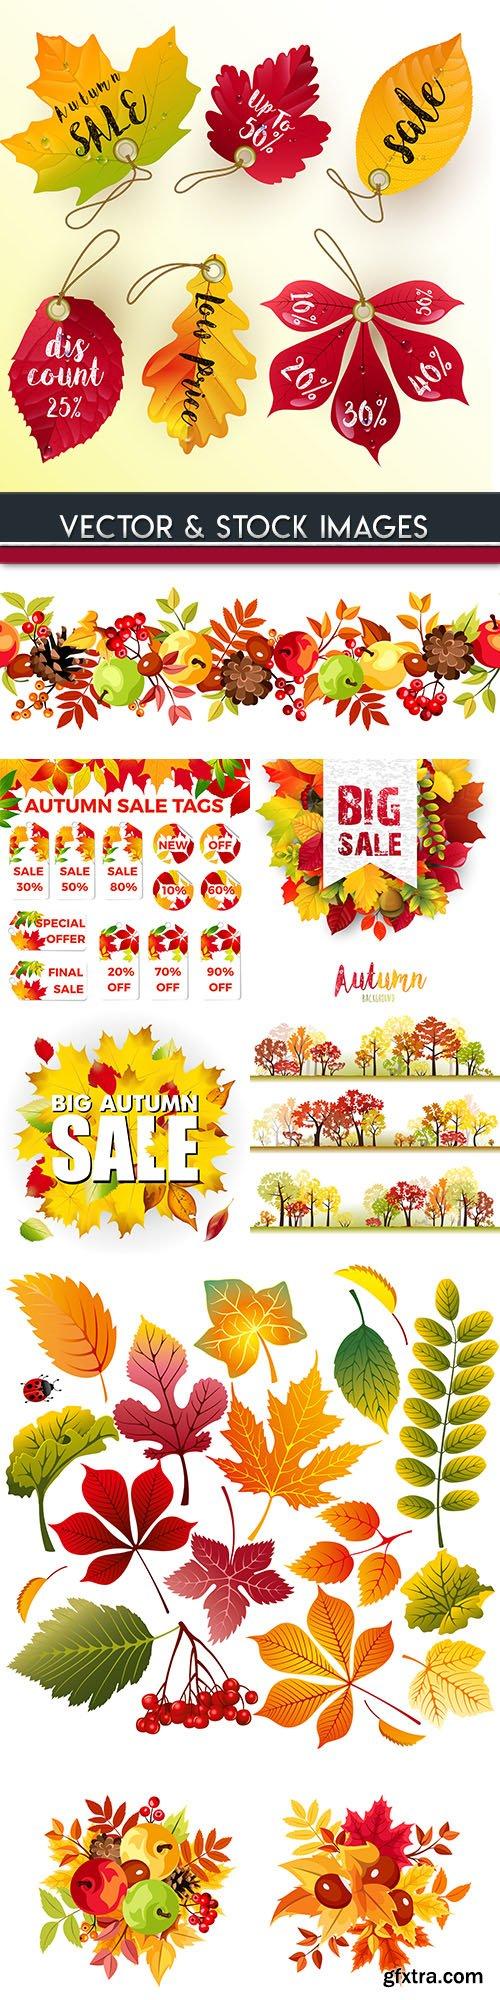 Autumn sales leaf fall bright leaves illustration